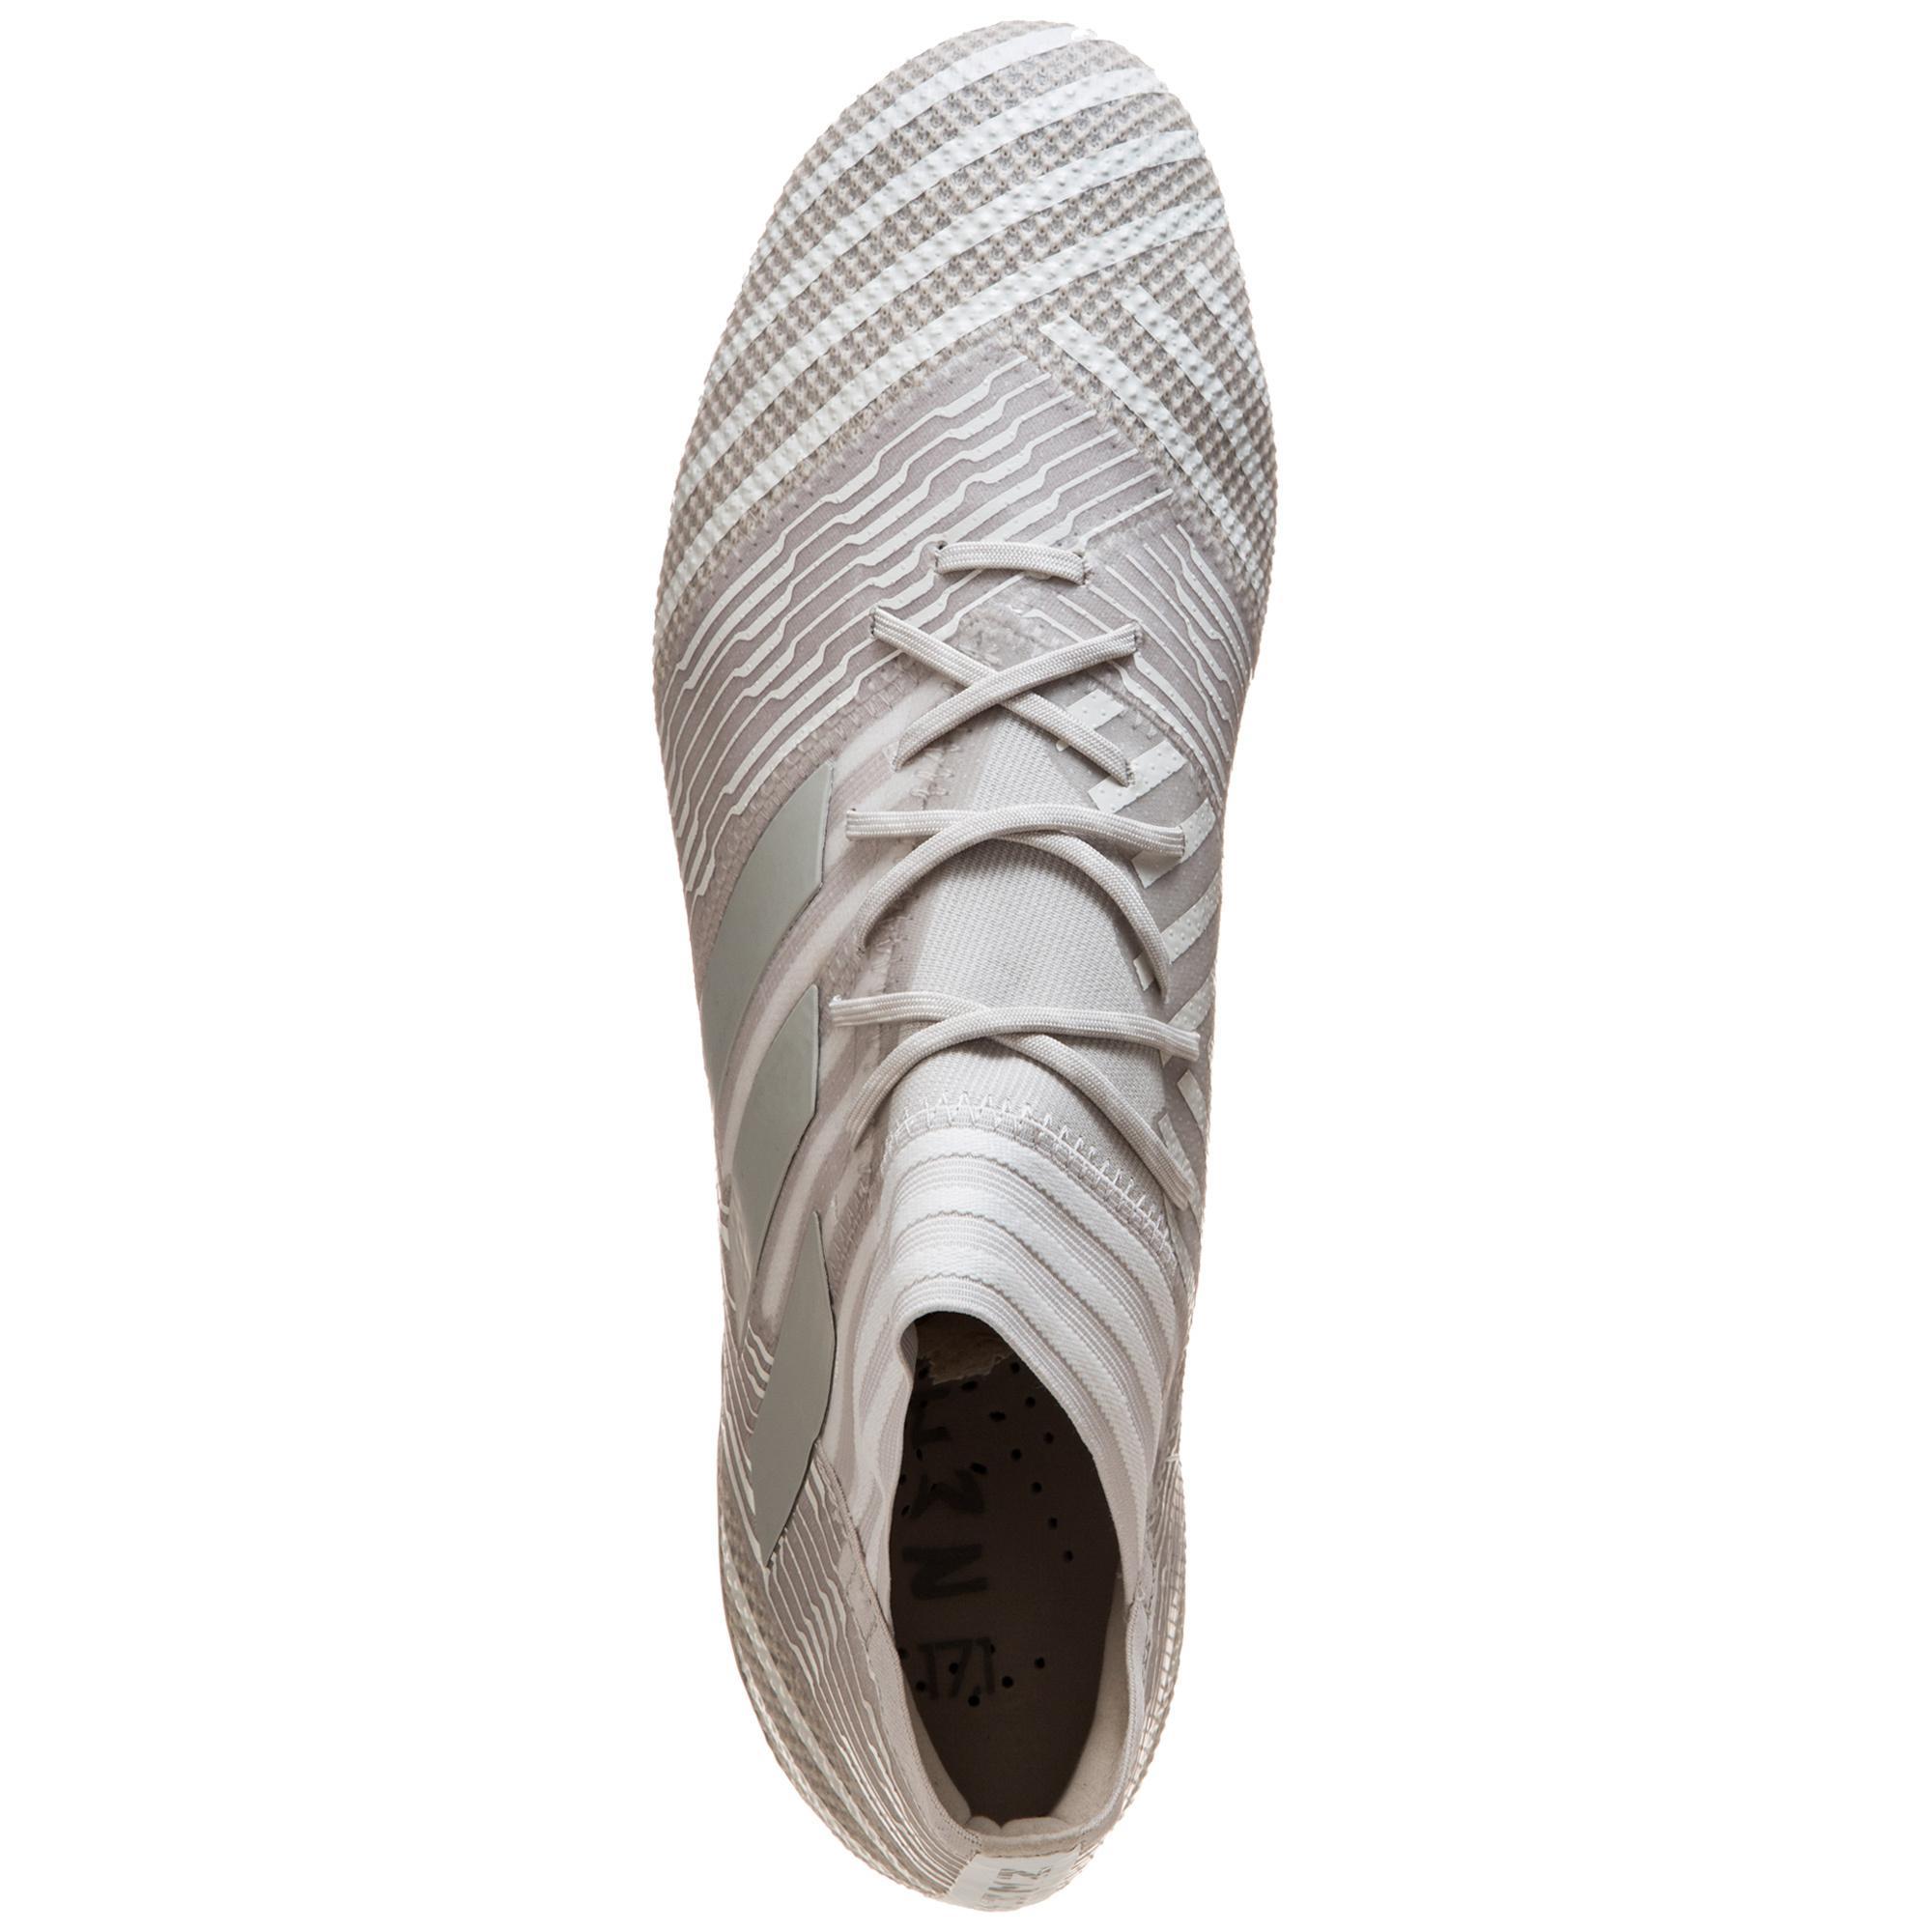 Adidas Nemeziz 17.1 Fußballschuhe Herren hellbraun / beige beige beige im Online Shop von SportScheck kaufen Gute Qualität beliebte Schuhe 14320f